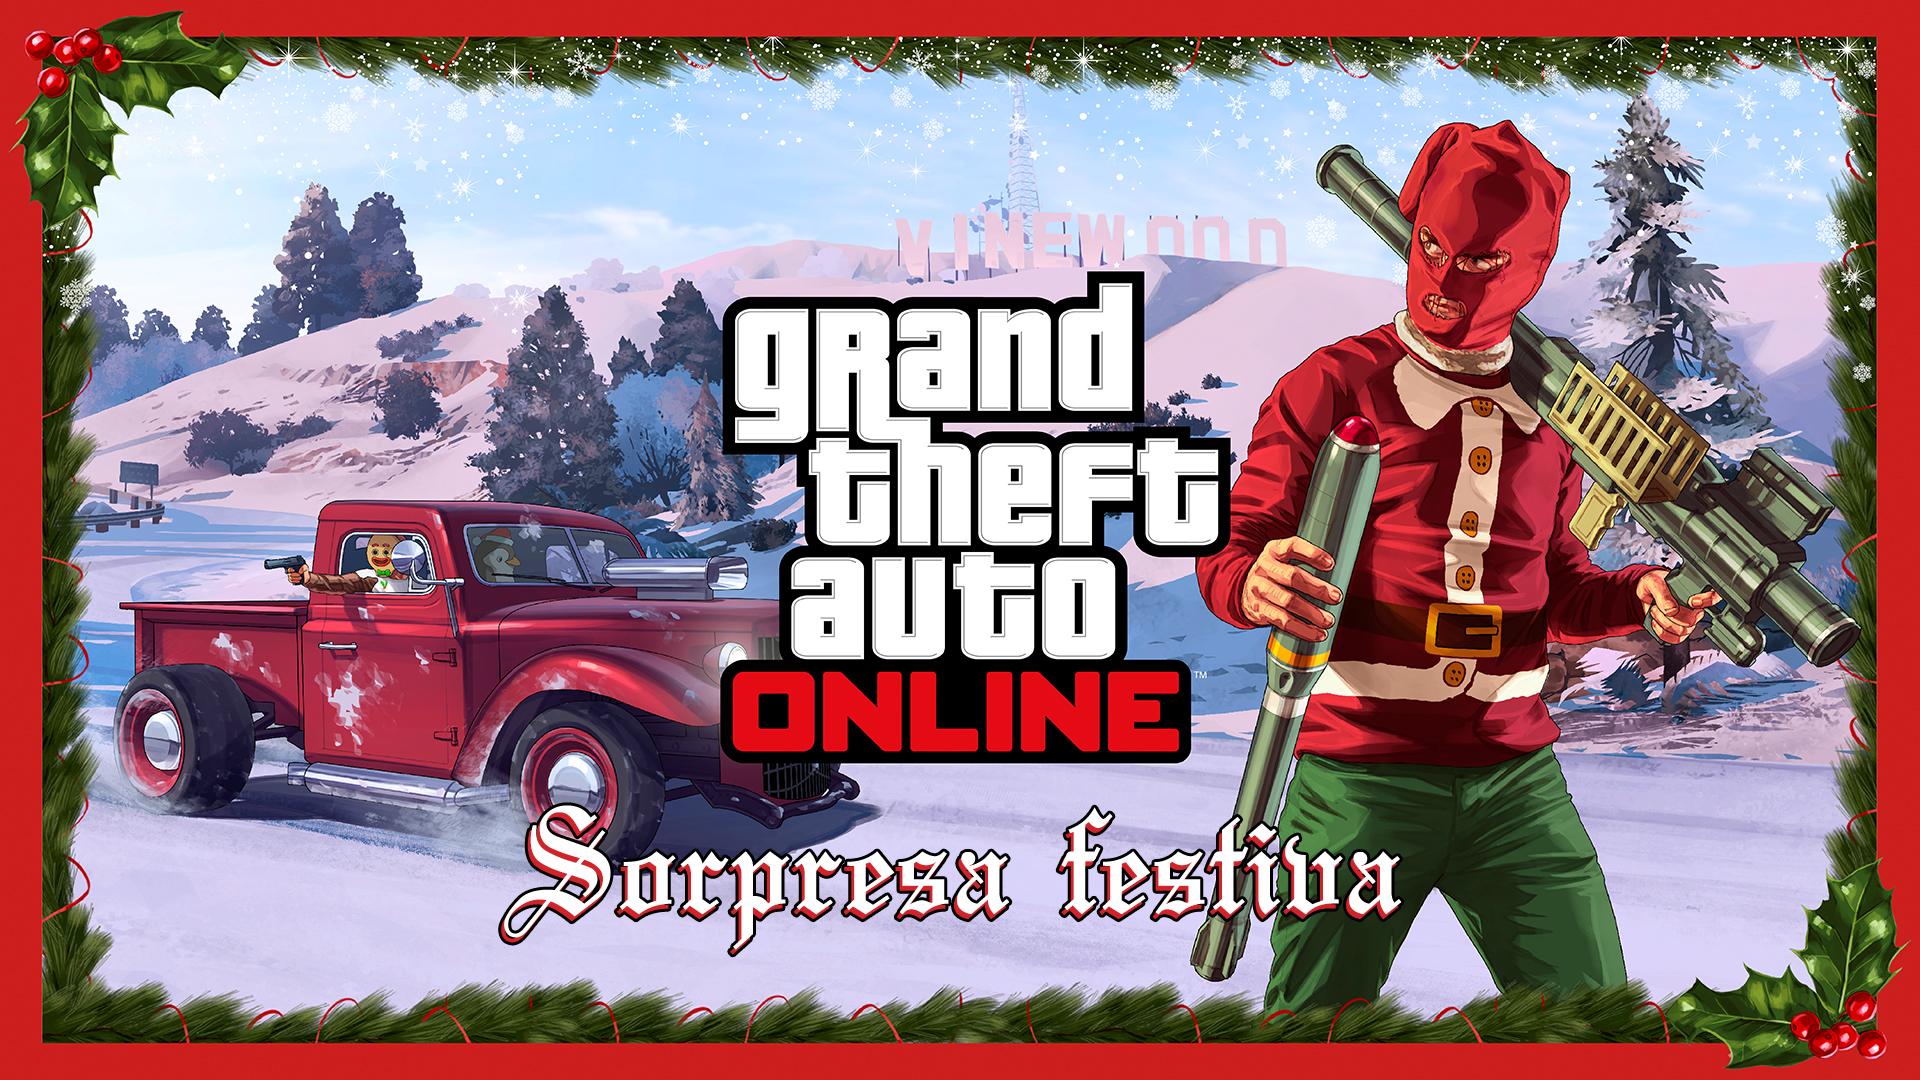 La Sorpresa Festiva De Gta Online Rockstar Games